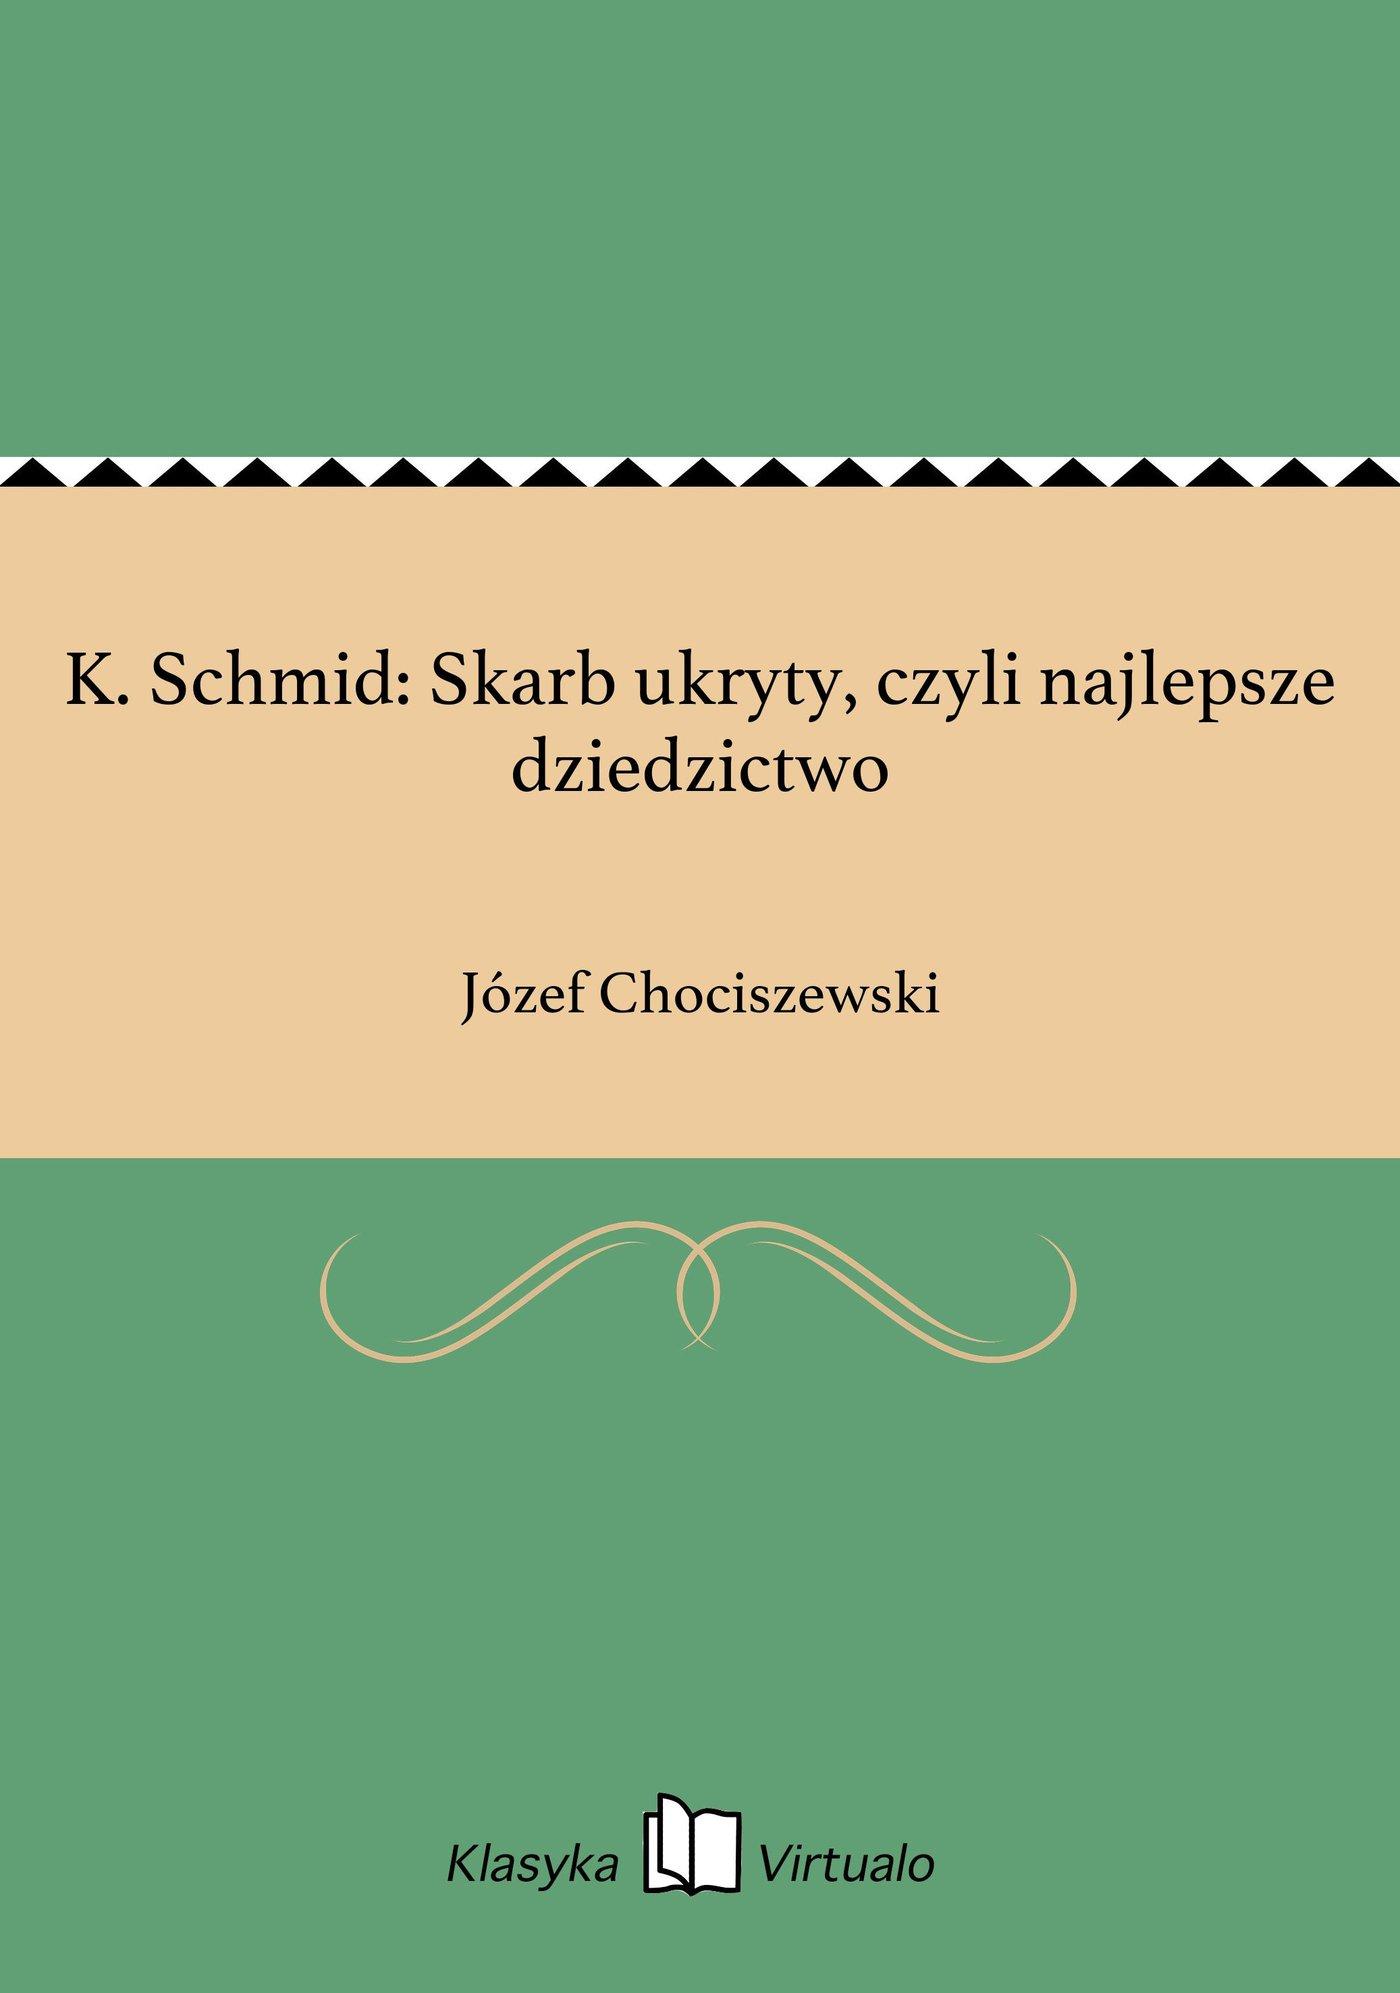 K. Schmid: Skarb ukryty, czyli najlepsze dziedzictwo - Ebook (Książka EPUB) do pobrania w formacie EPUB